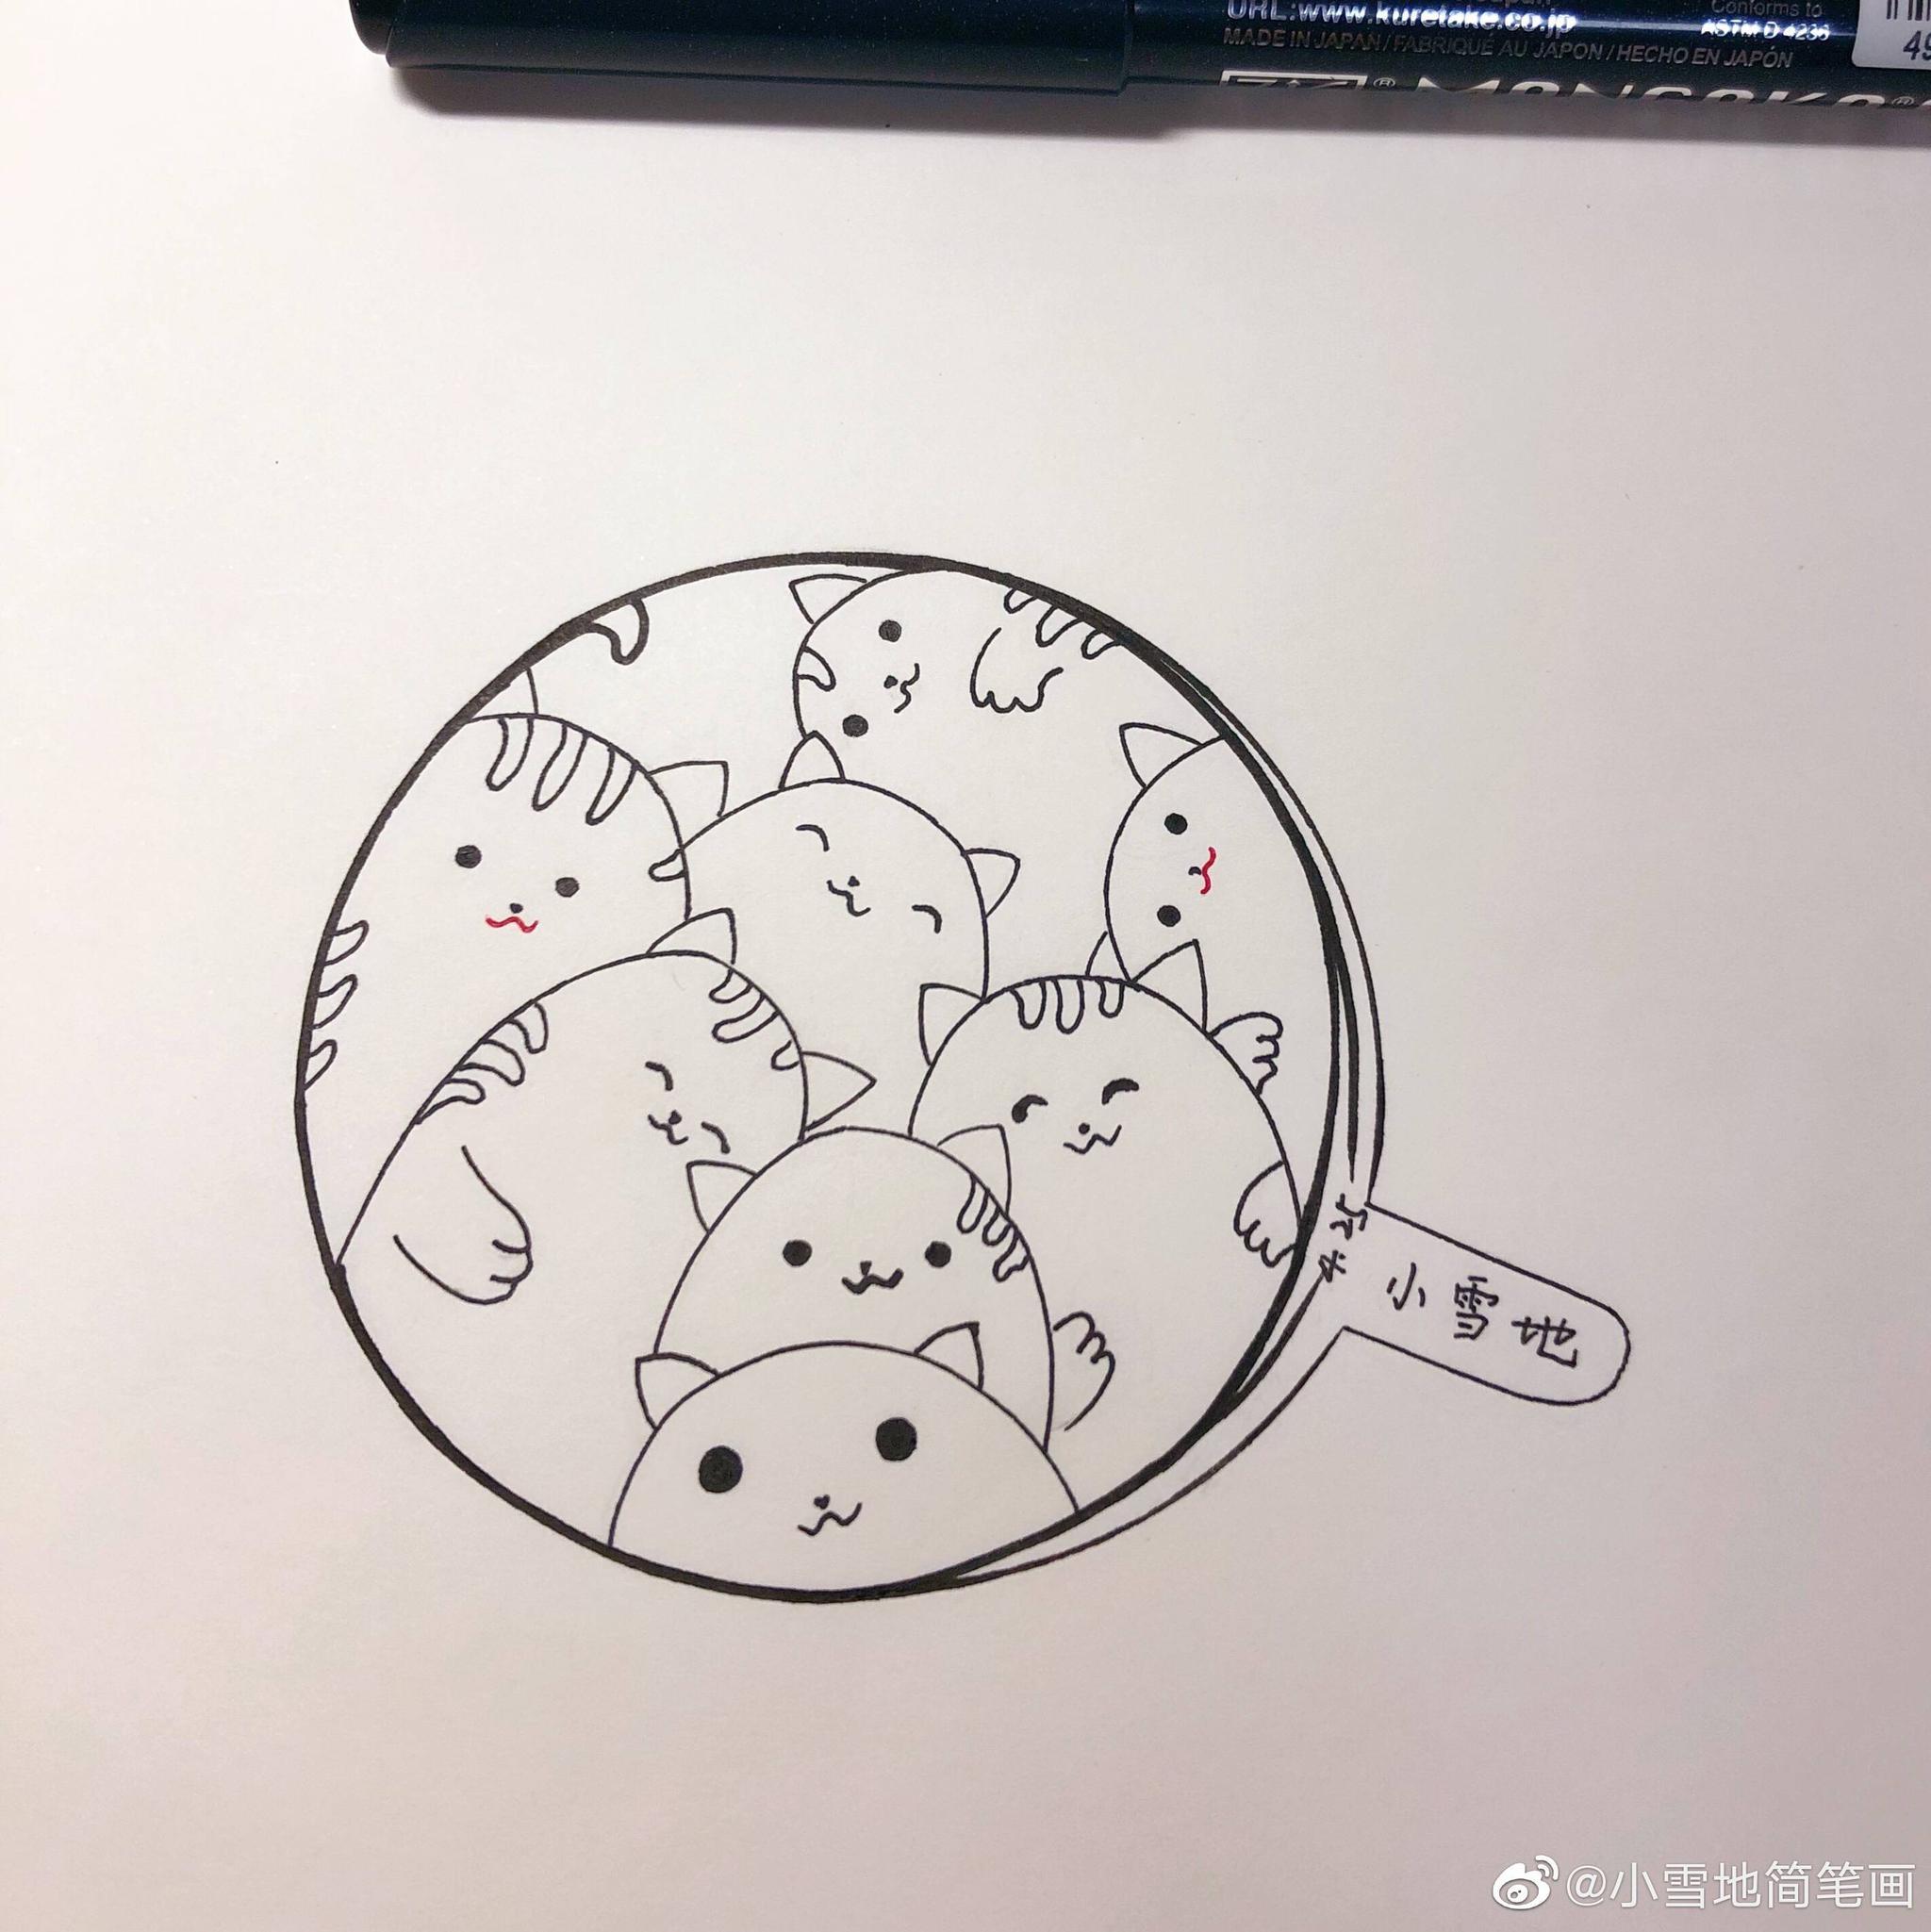 猫猫组团上镜啦@小雪地简笔画